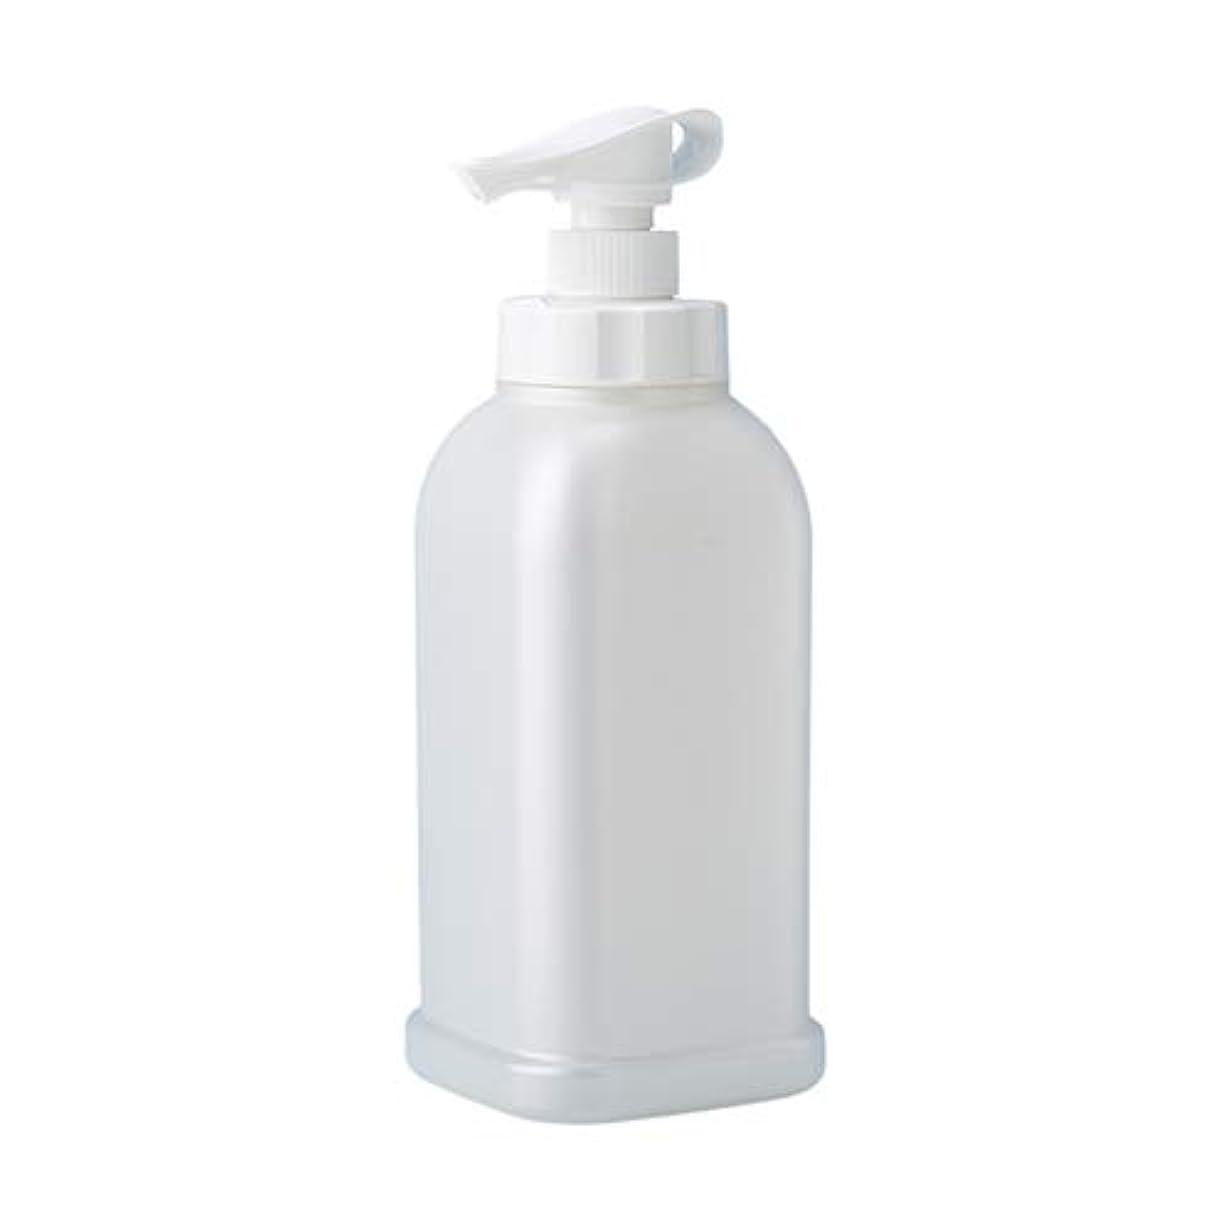 アメリカチャンバー通知する安定感のある ポンプボトル シャンプー コンディショナー リンス ボディソープ ハンドソープ 1.2L詰め替え容器 パールホワイト